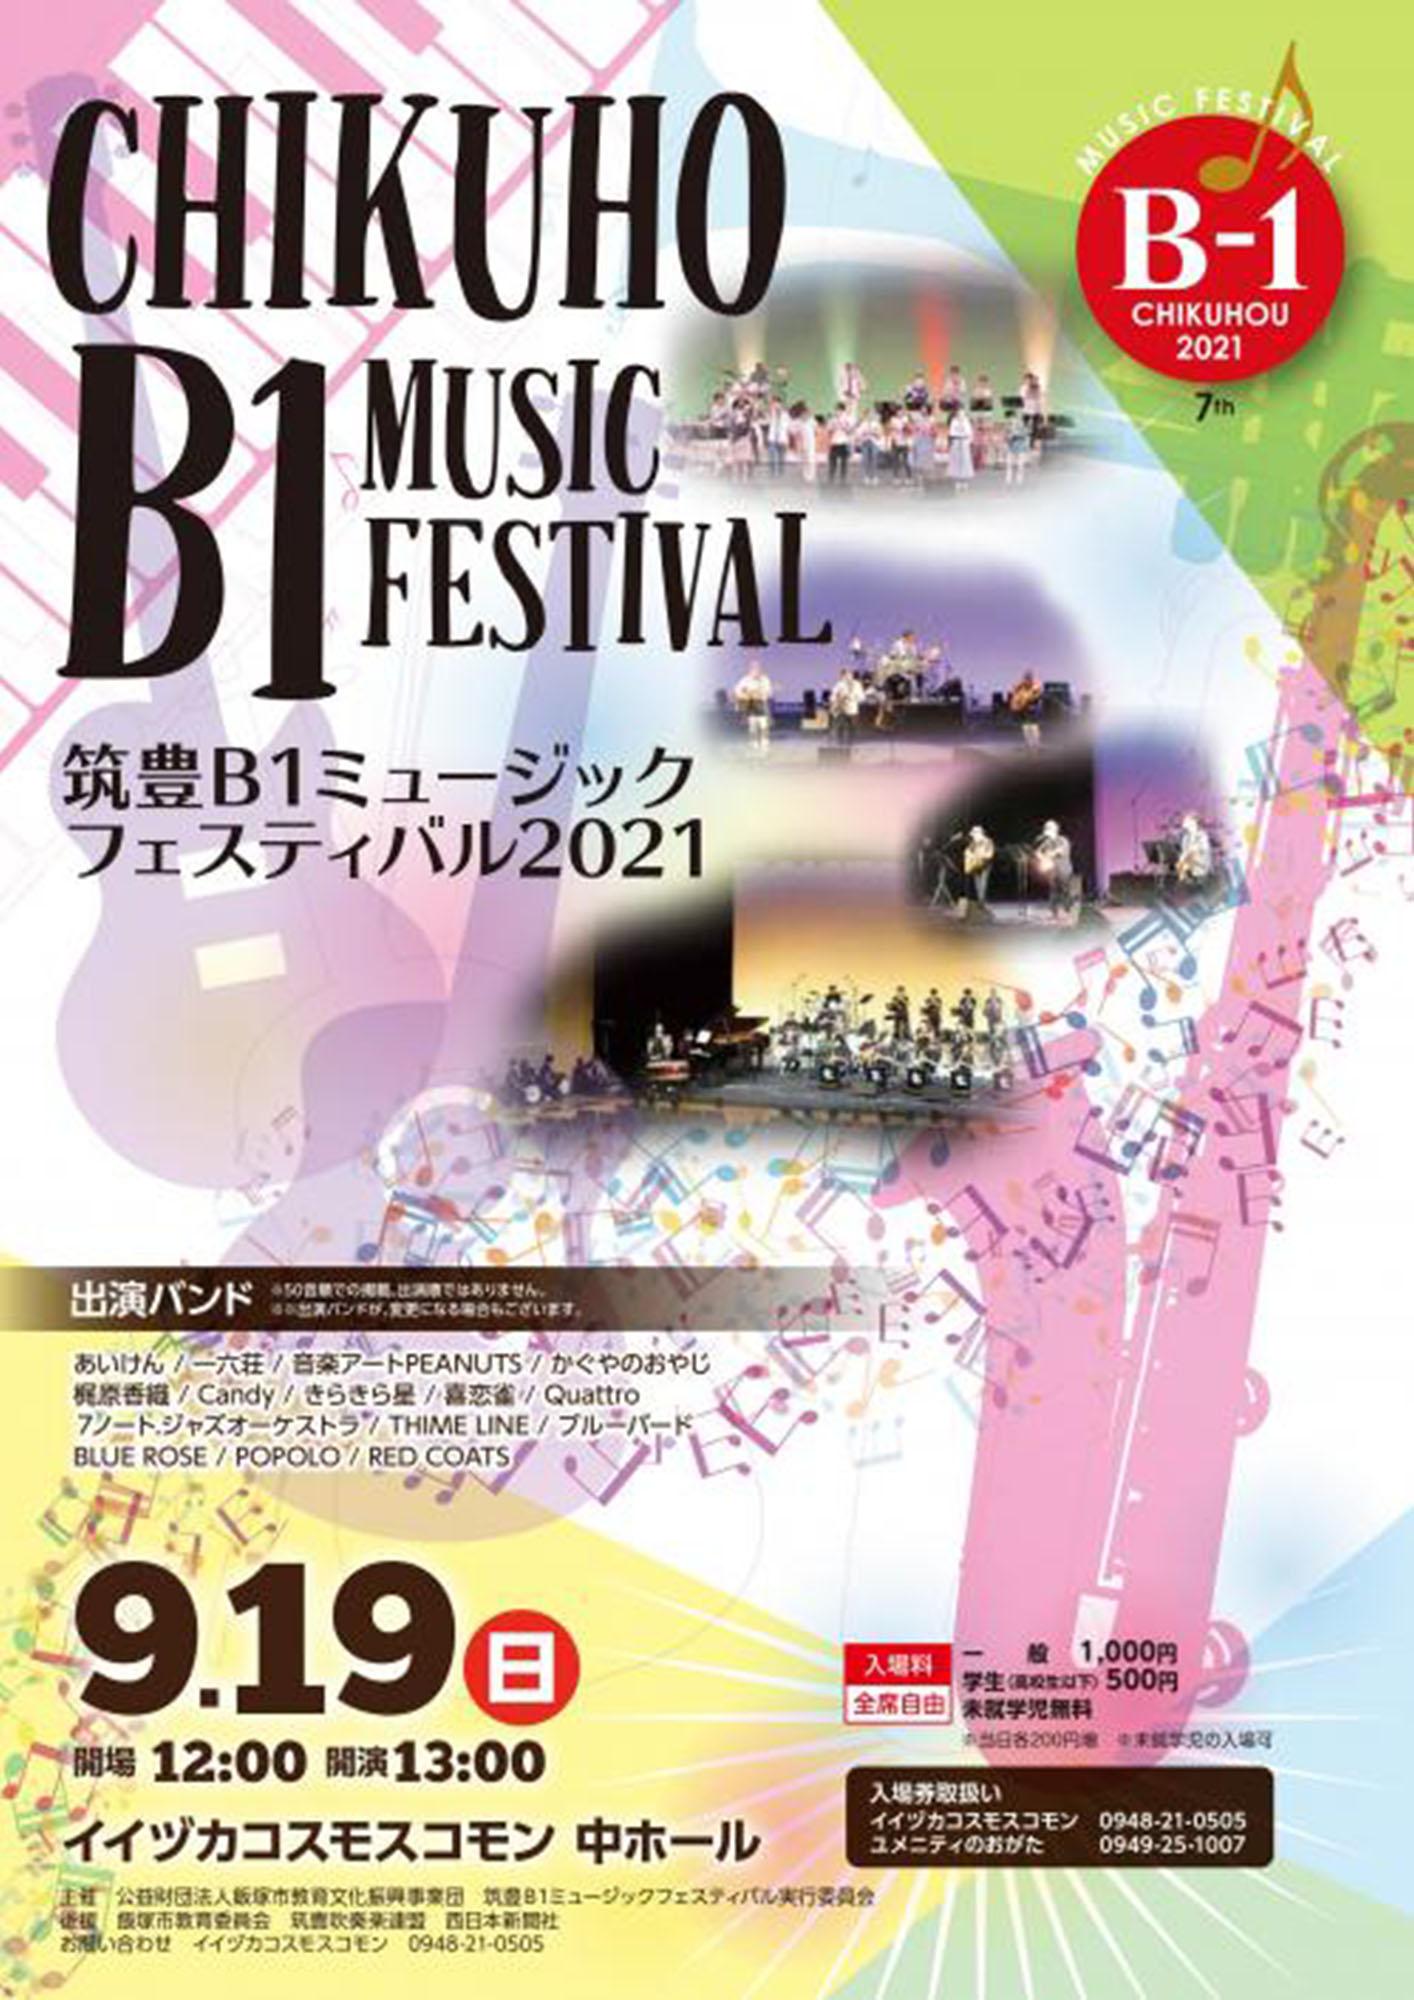 筑豊B1ミュージックフェスティバル 2021